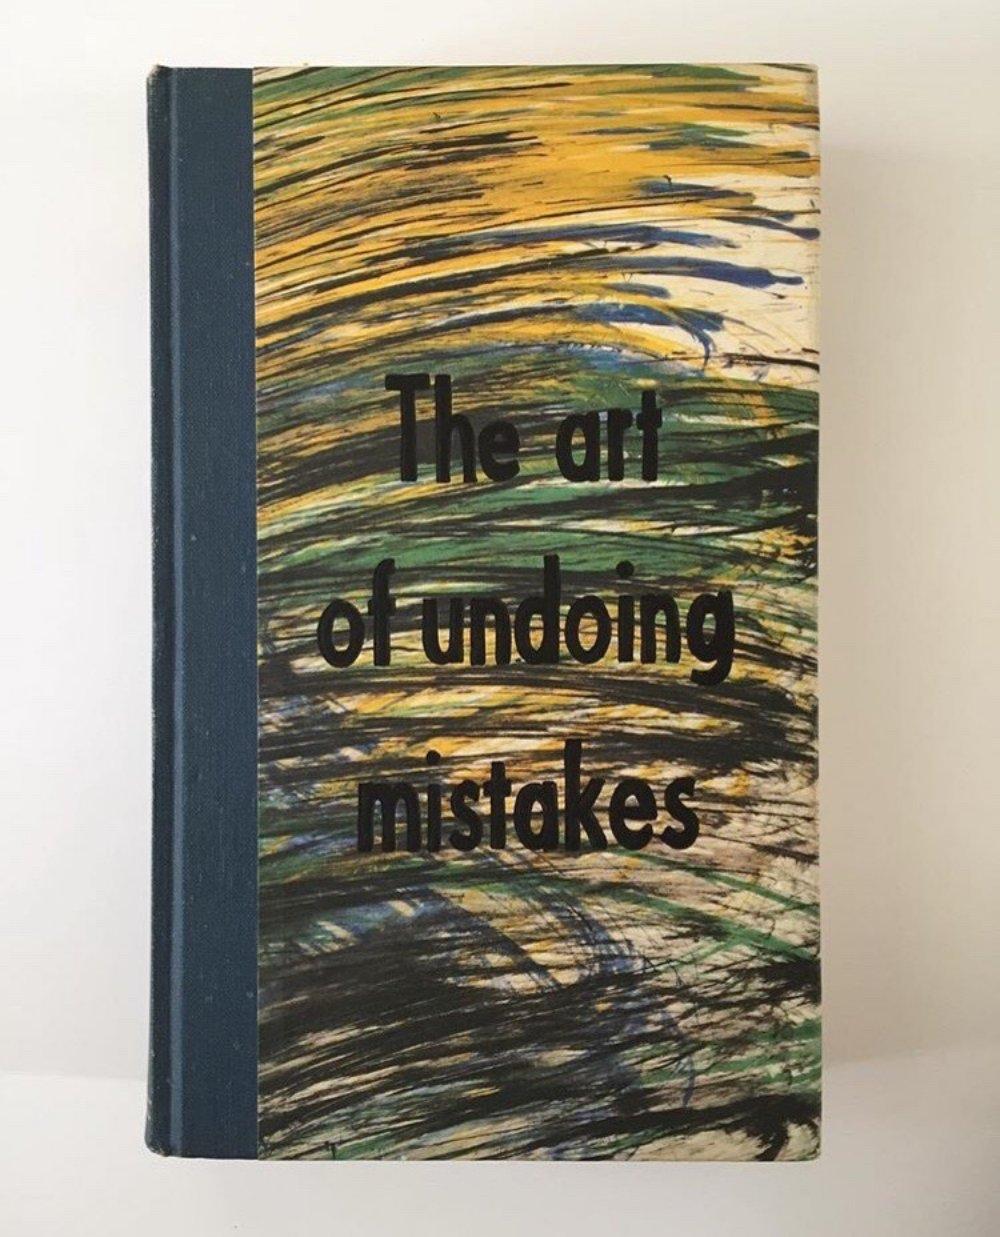 The Art of Undoing Mistakes